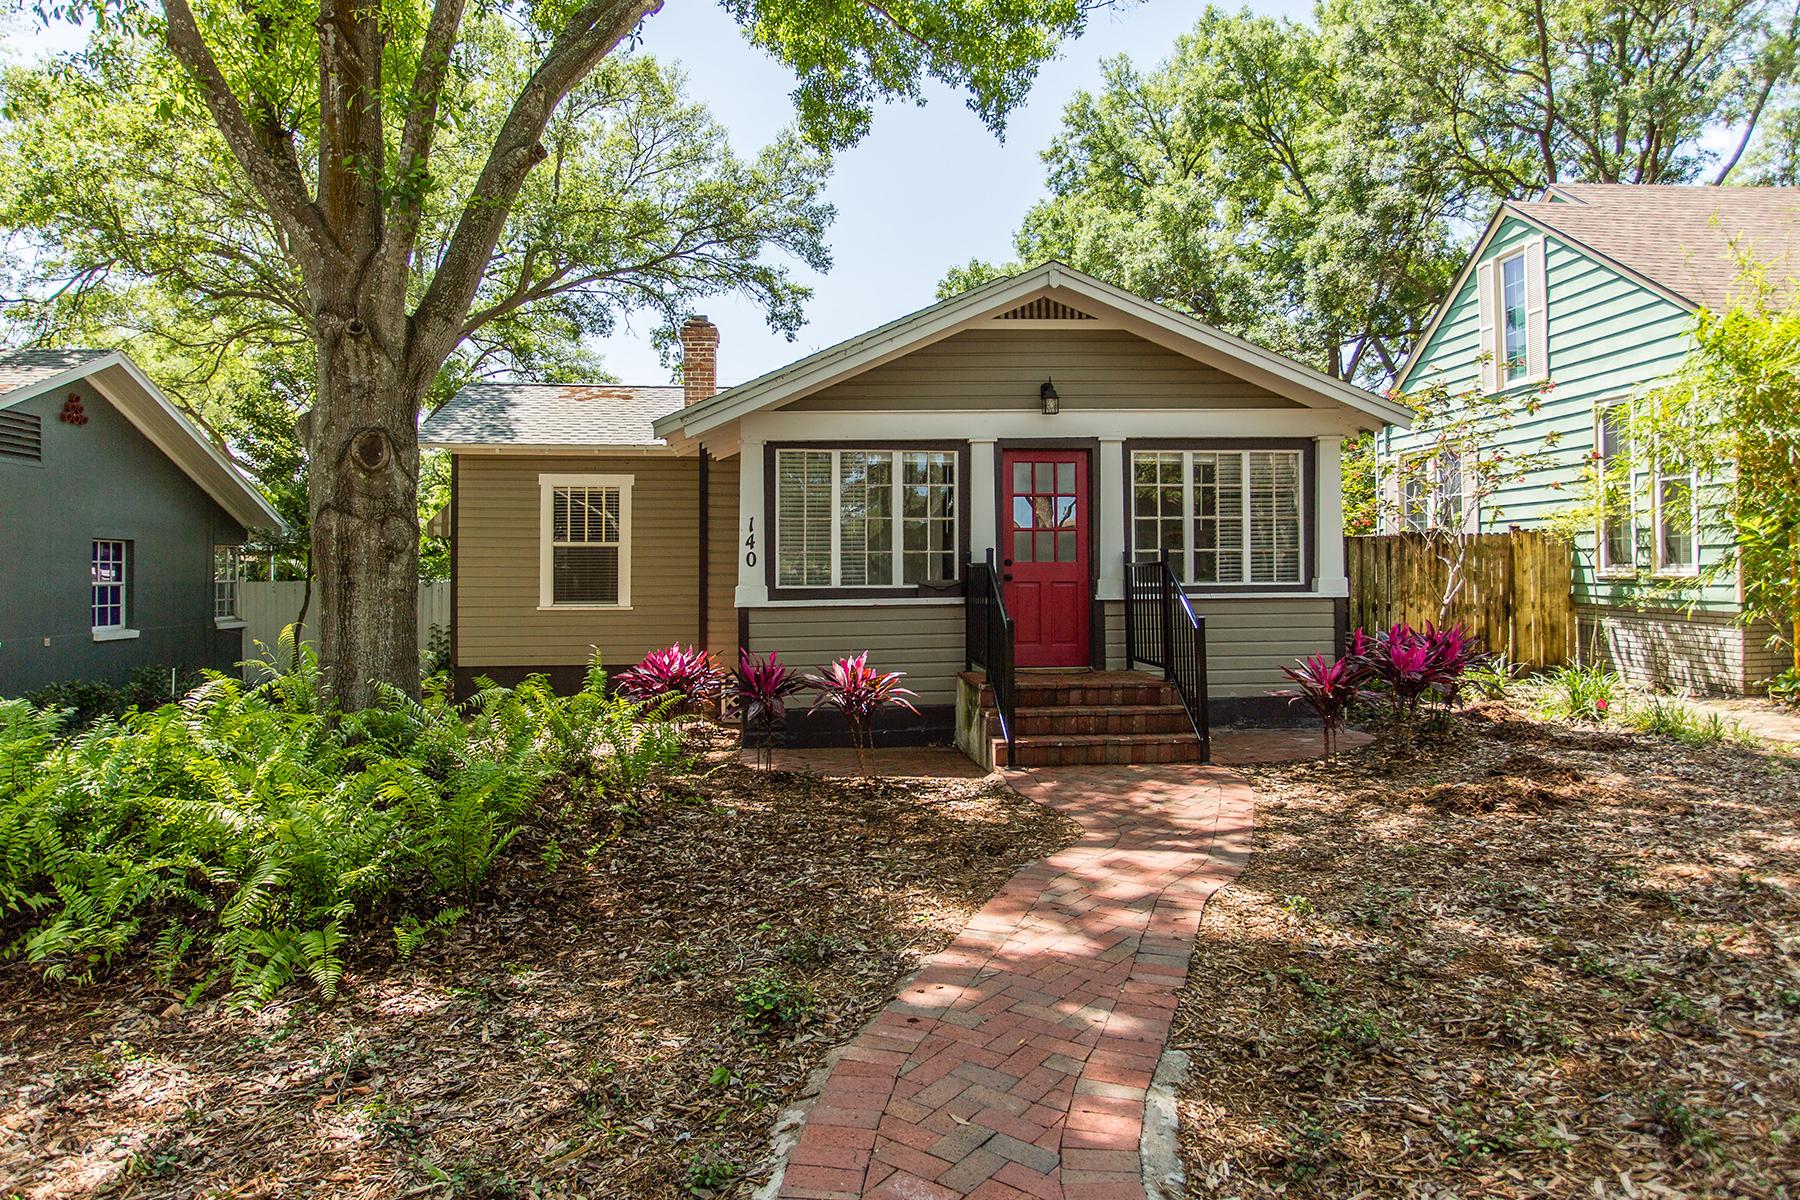 獨棟家庭住宅 為 出售 在 OLD NORTHEAST 140 23rd Ave N St. Petersburg, 佛羅里達州, 33704 美國